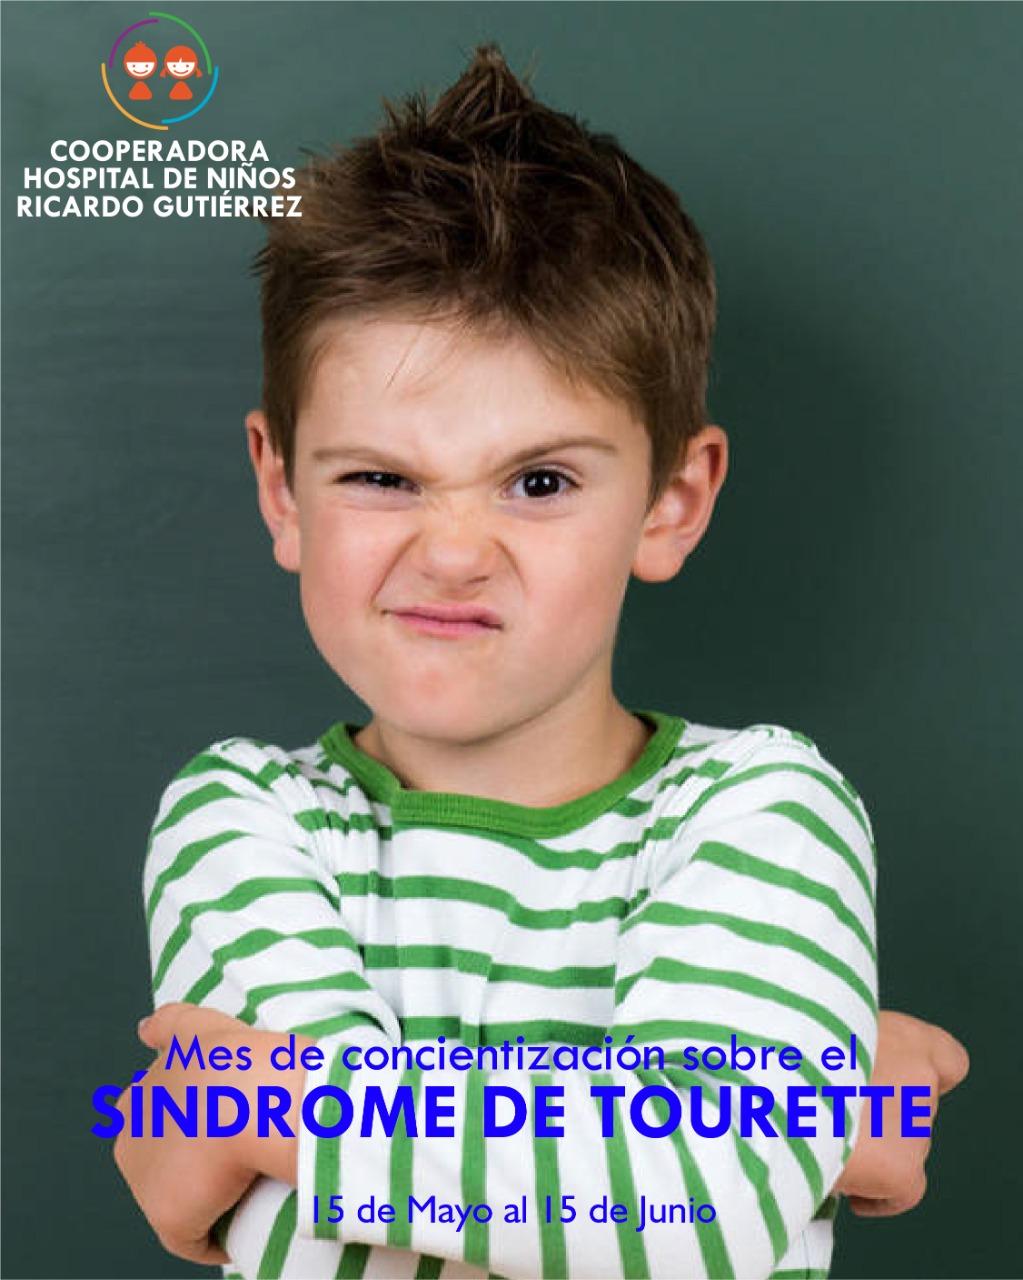 Mes de Concientización sobre el Síndrome de Tourette